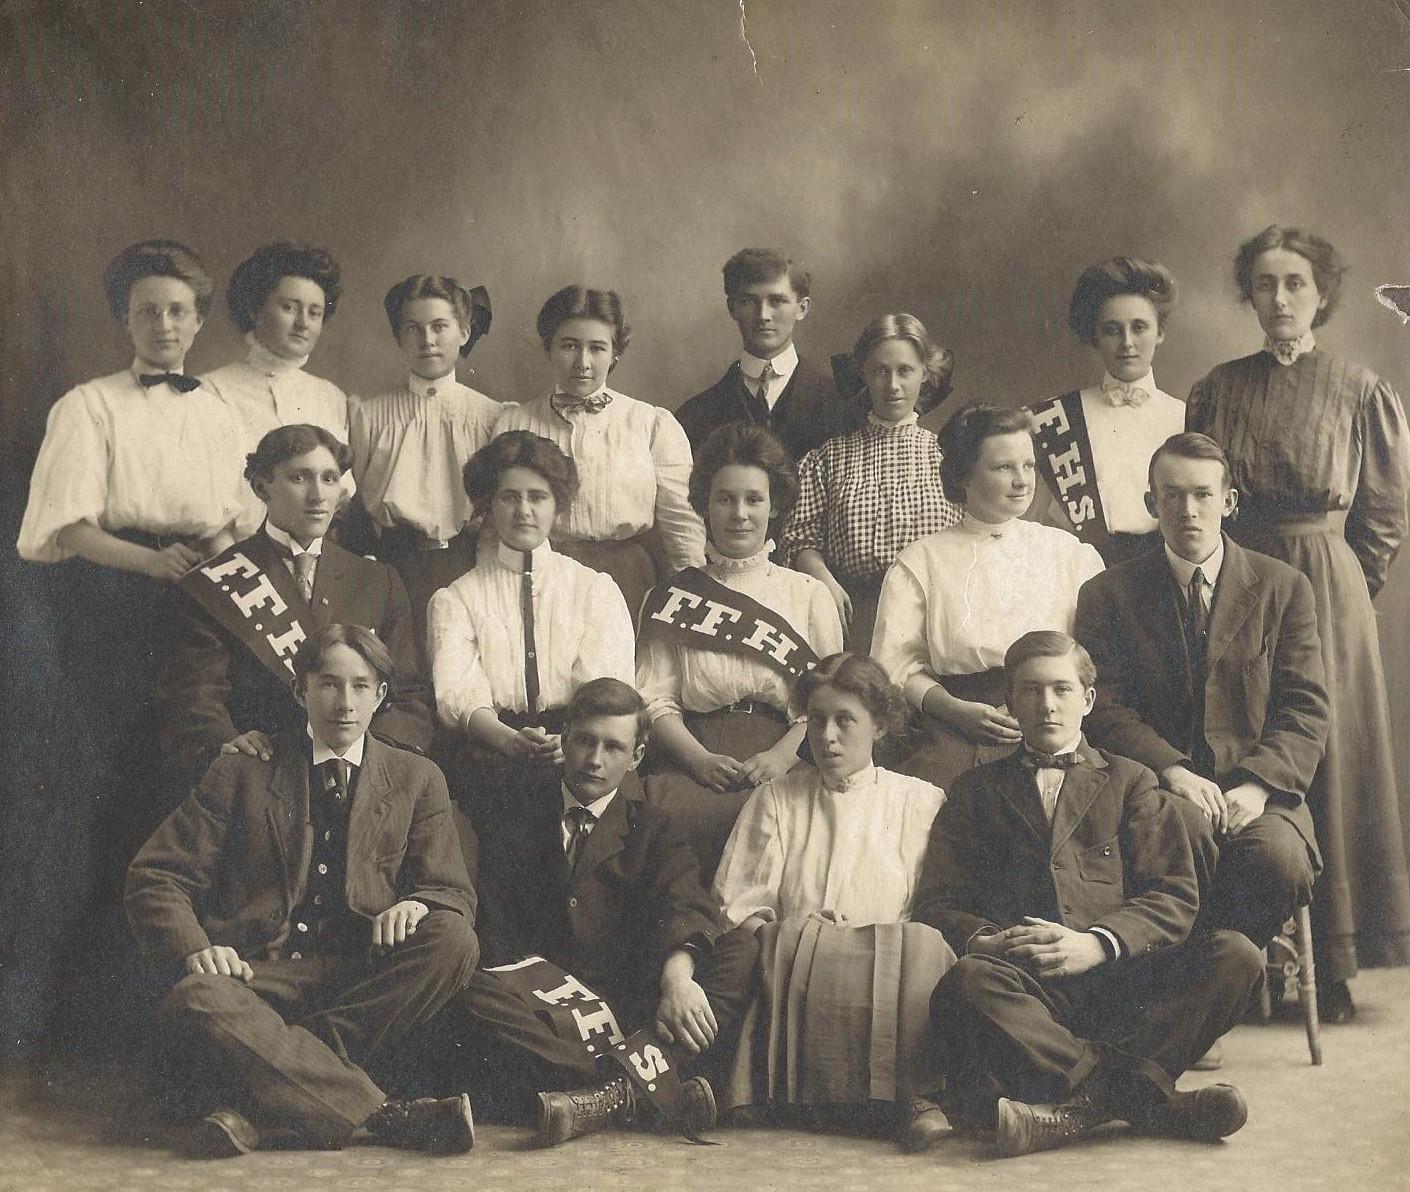 HIGH SCHOOL CLASS - 1906